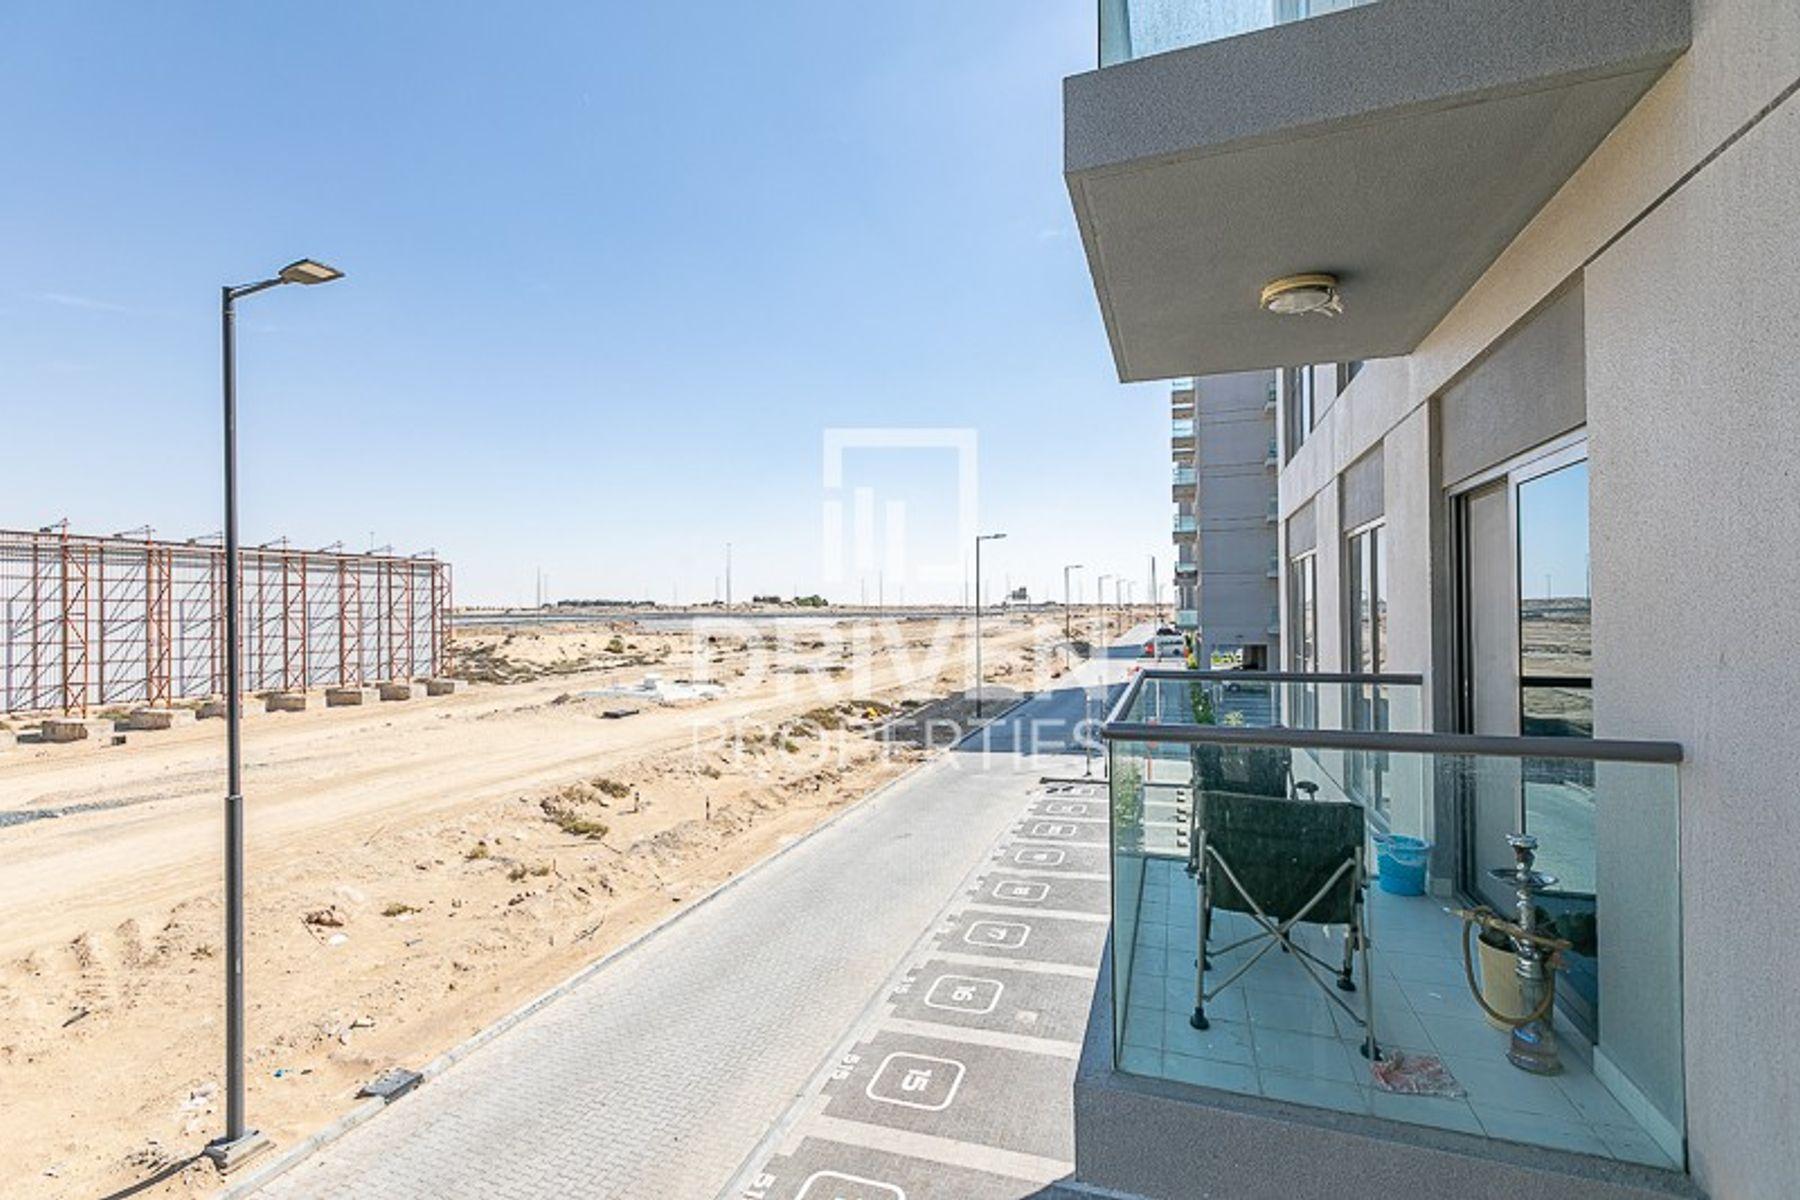 Studio for Sale in MAG 515 - Dubai South (Dubai World Central)